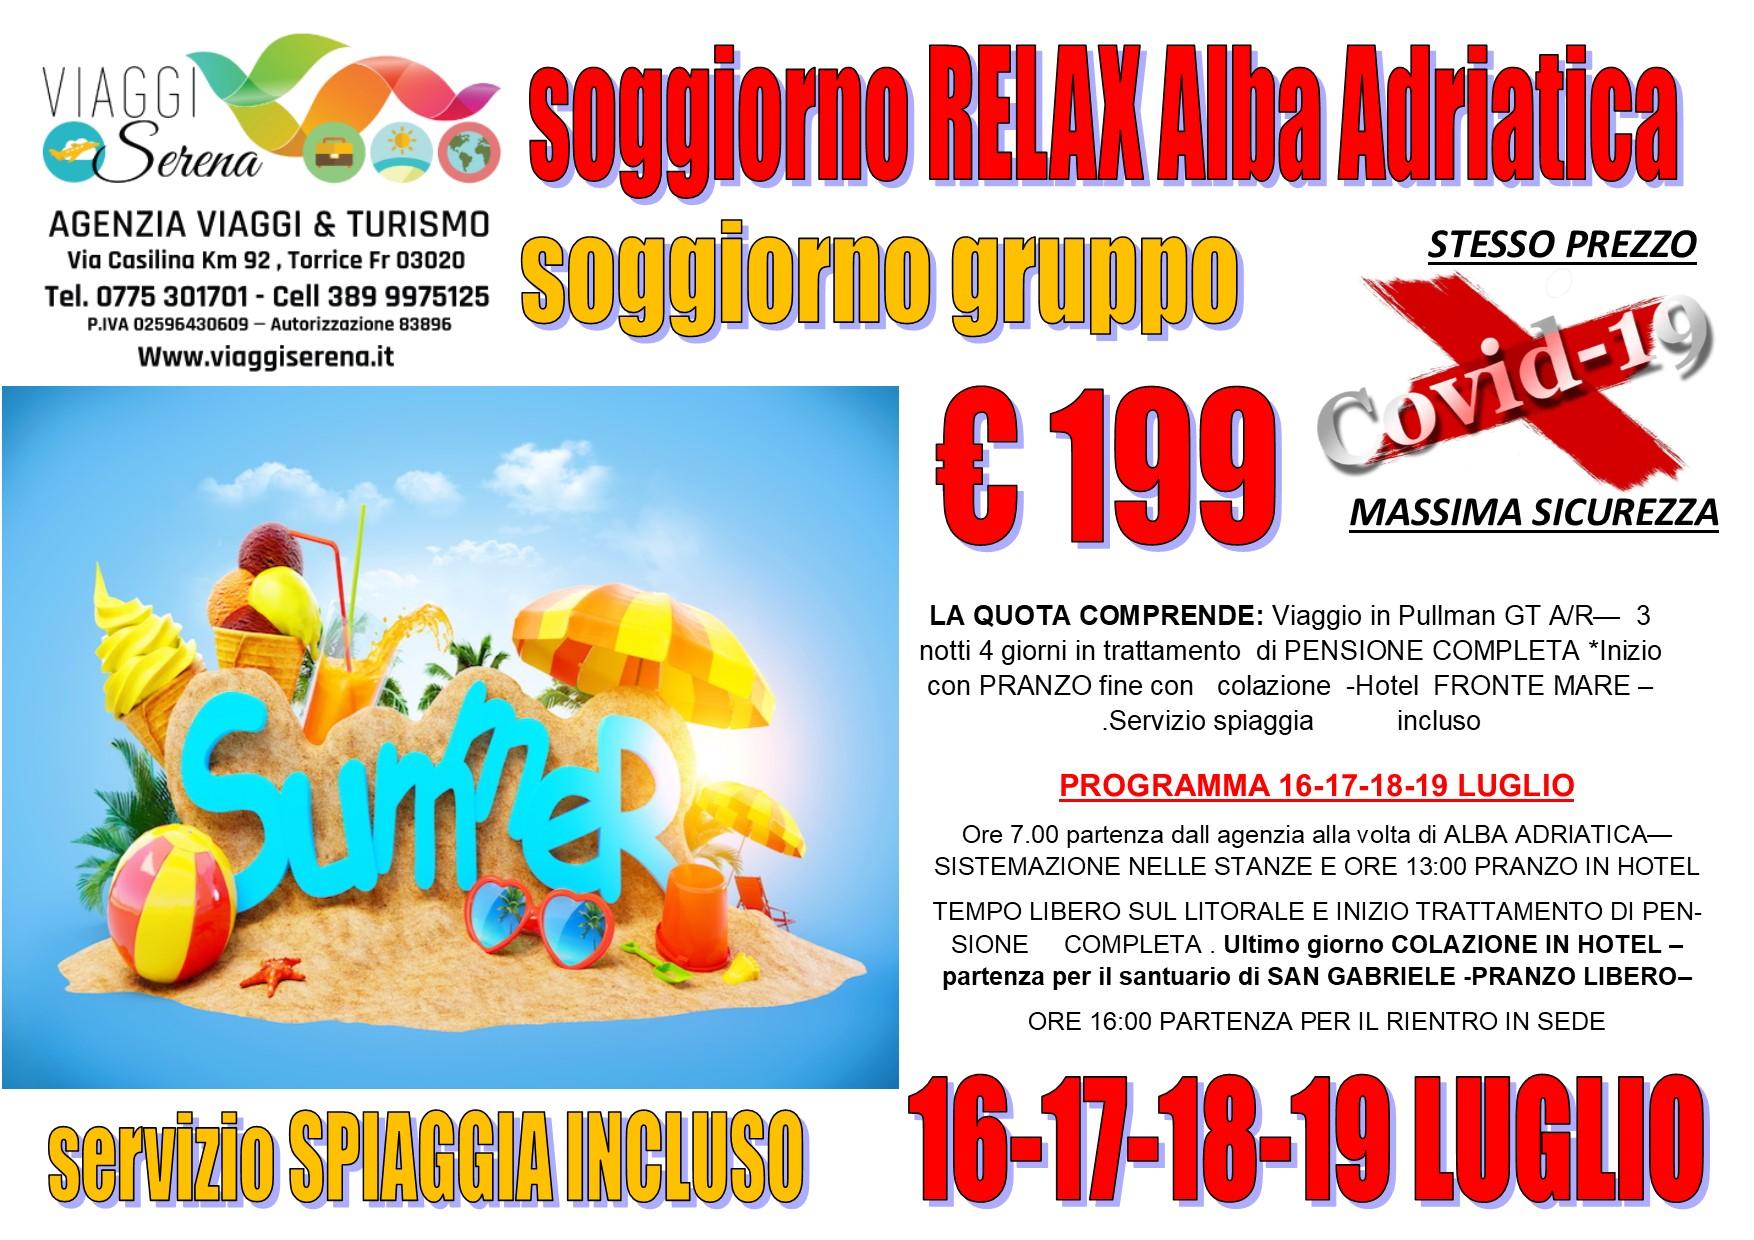 Viaggi di Gruppo: Soggiorno relax ALBA ADRIATICA 16-17-18-19 LUGLIO €199,00